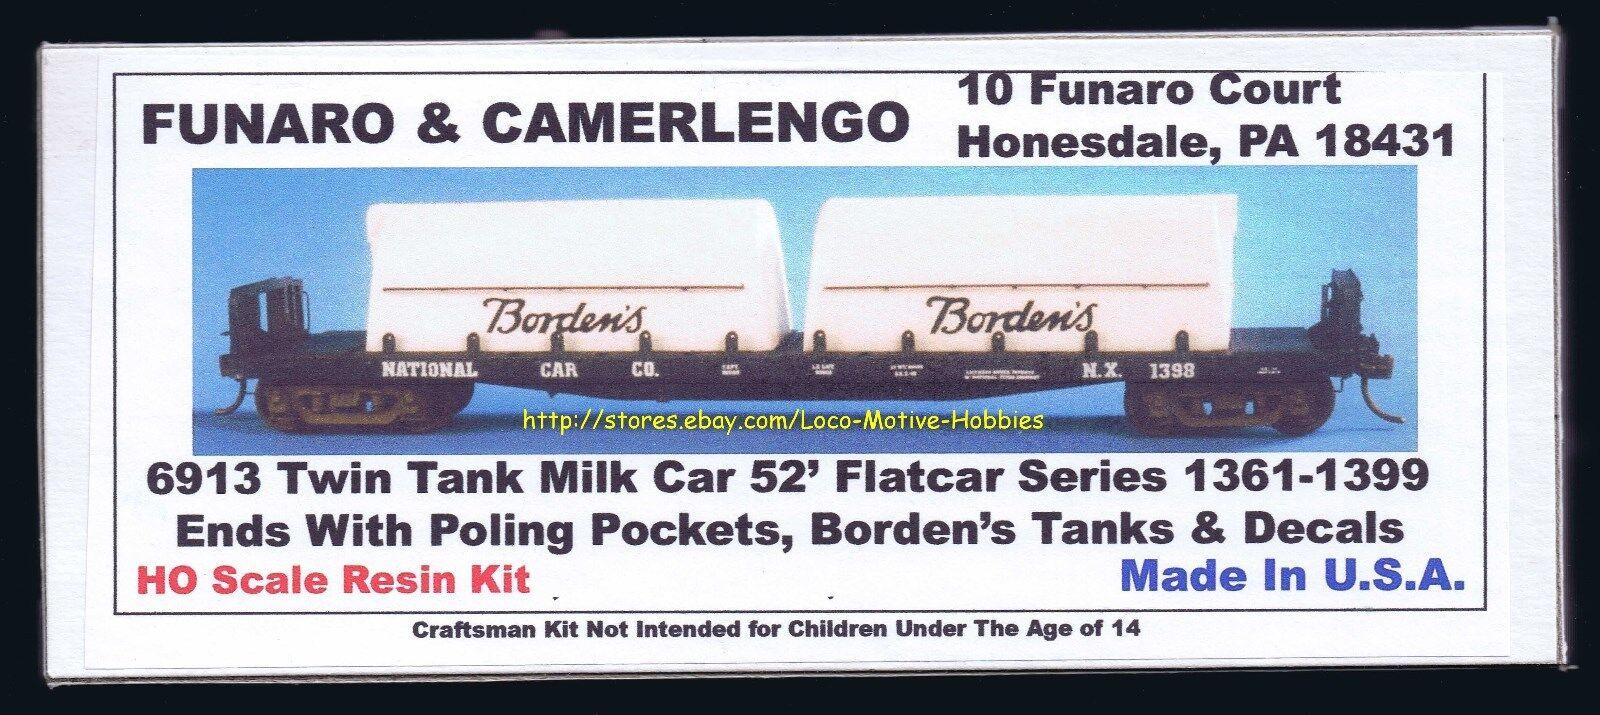 Tienda de moda y compras online. Funaro Funaro Funaro F&C 6913 coche doble tanque de leche 52' Nacional plana Borden's Borden pertigado pokt  venta con descuento